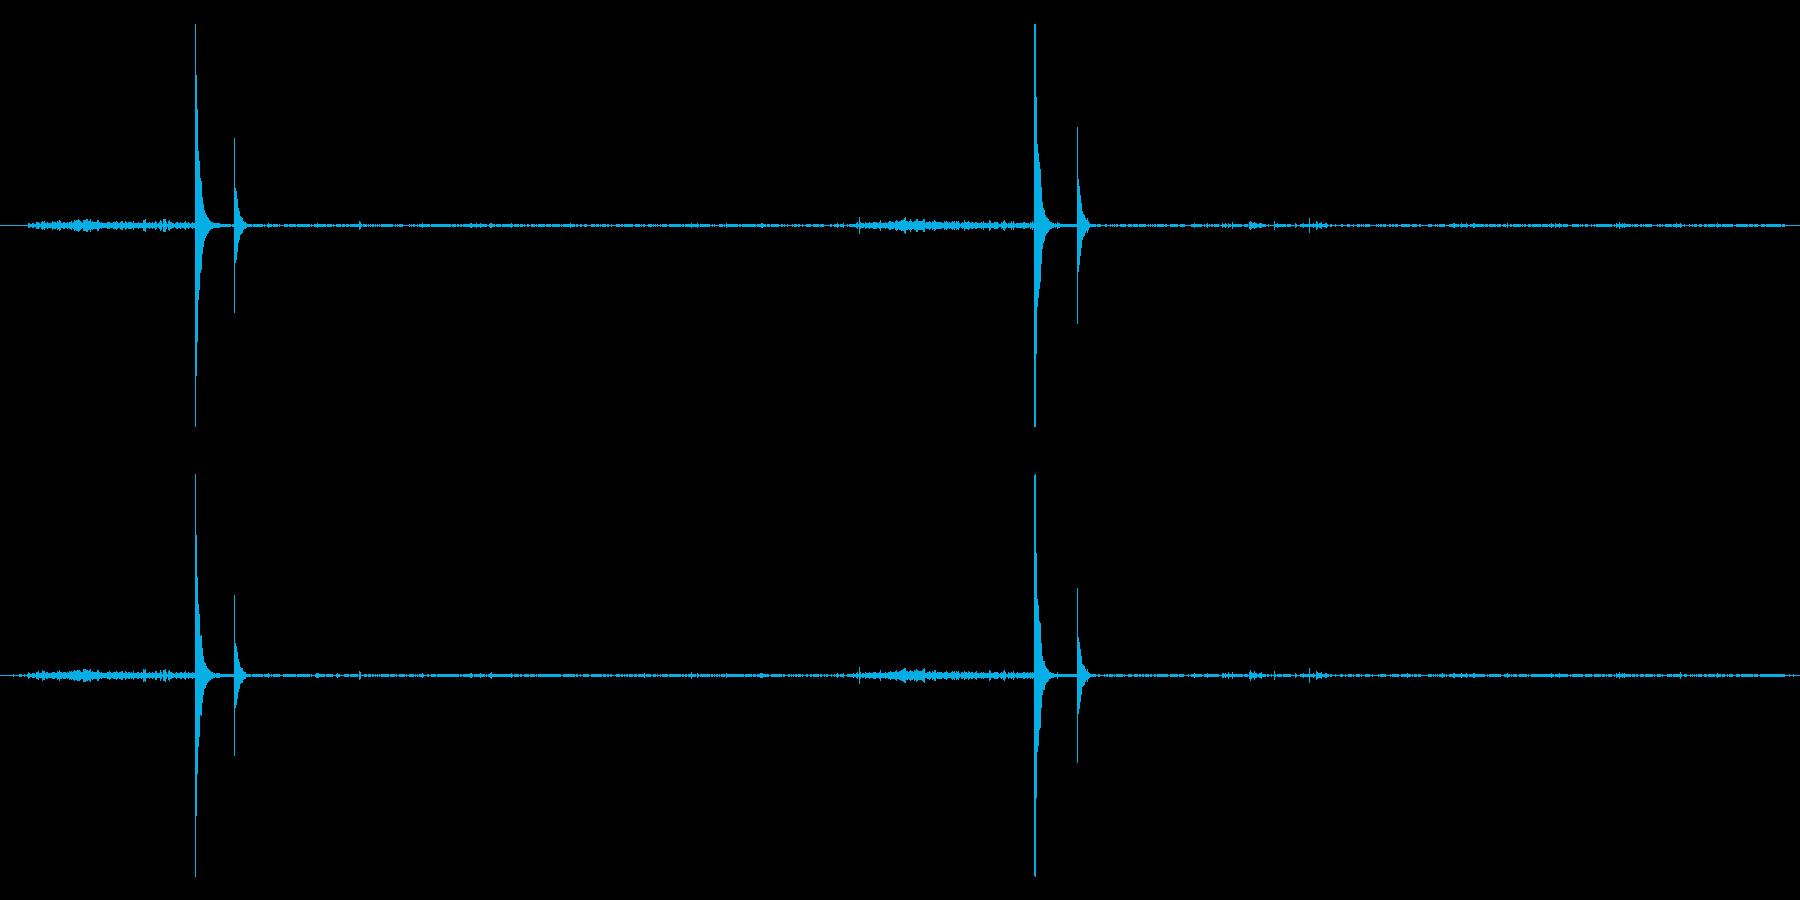 鹿威し(ししおどし)の音の再生済みの波形